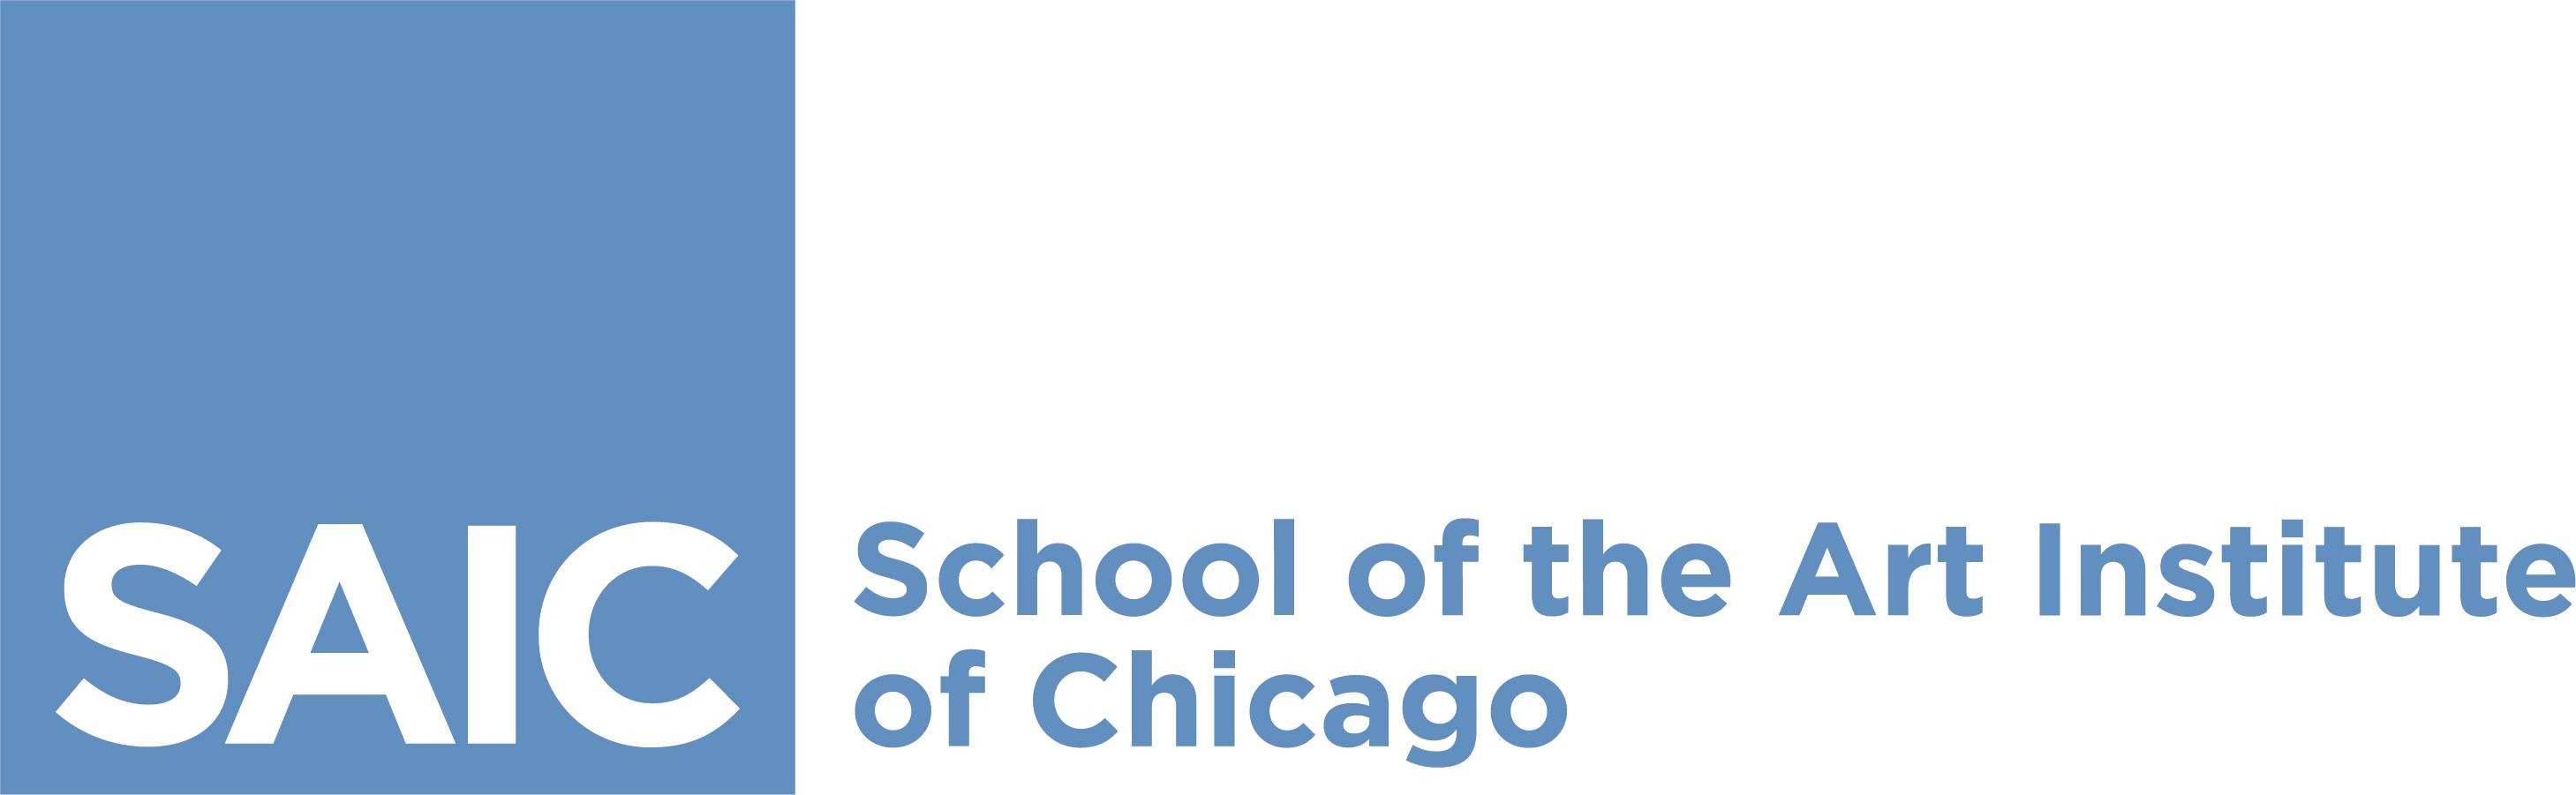 SAIC School of the Art Institute of Chicago logo